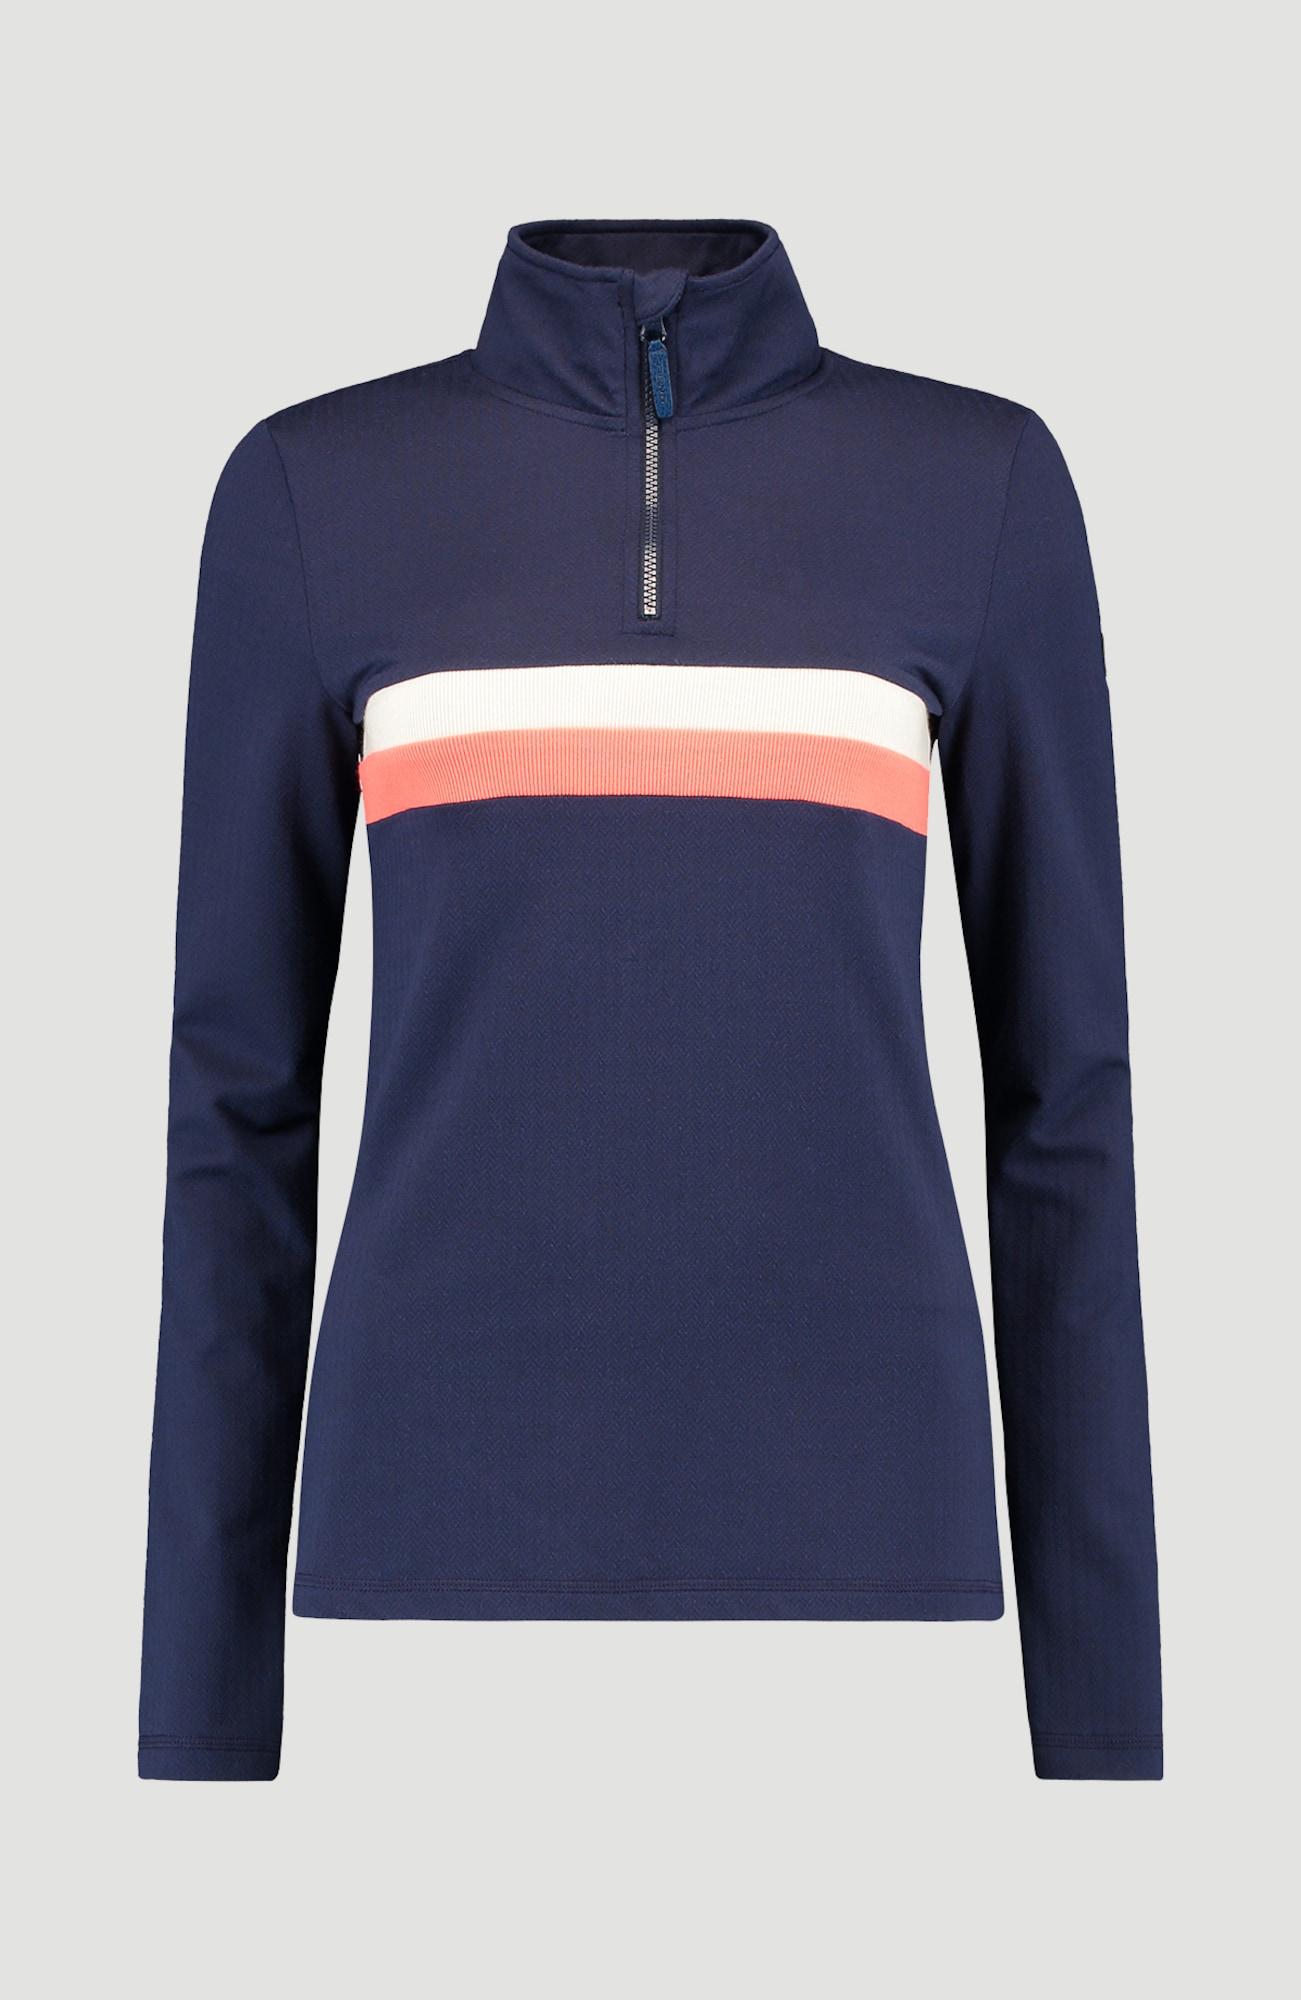 O'NEILL Funkční fleecová mikina 'Stripe Half Zip'  modrá / tmavě modrá / námořnická modř / pastelově oranžová / přírodní bílá / perlově bílá / bílá / pastelově růžová